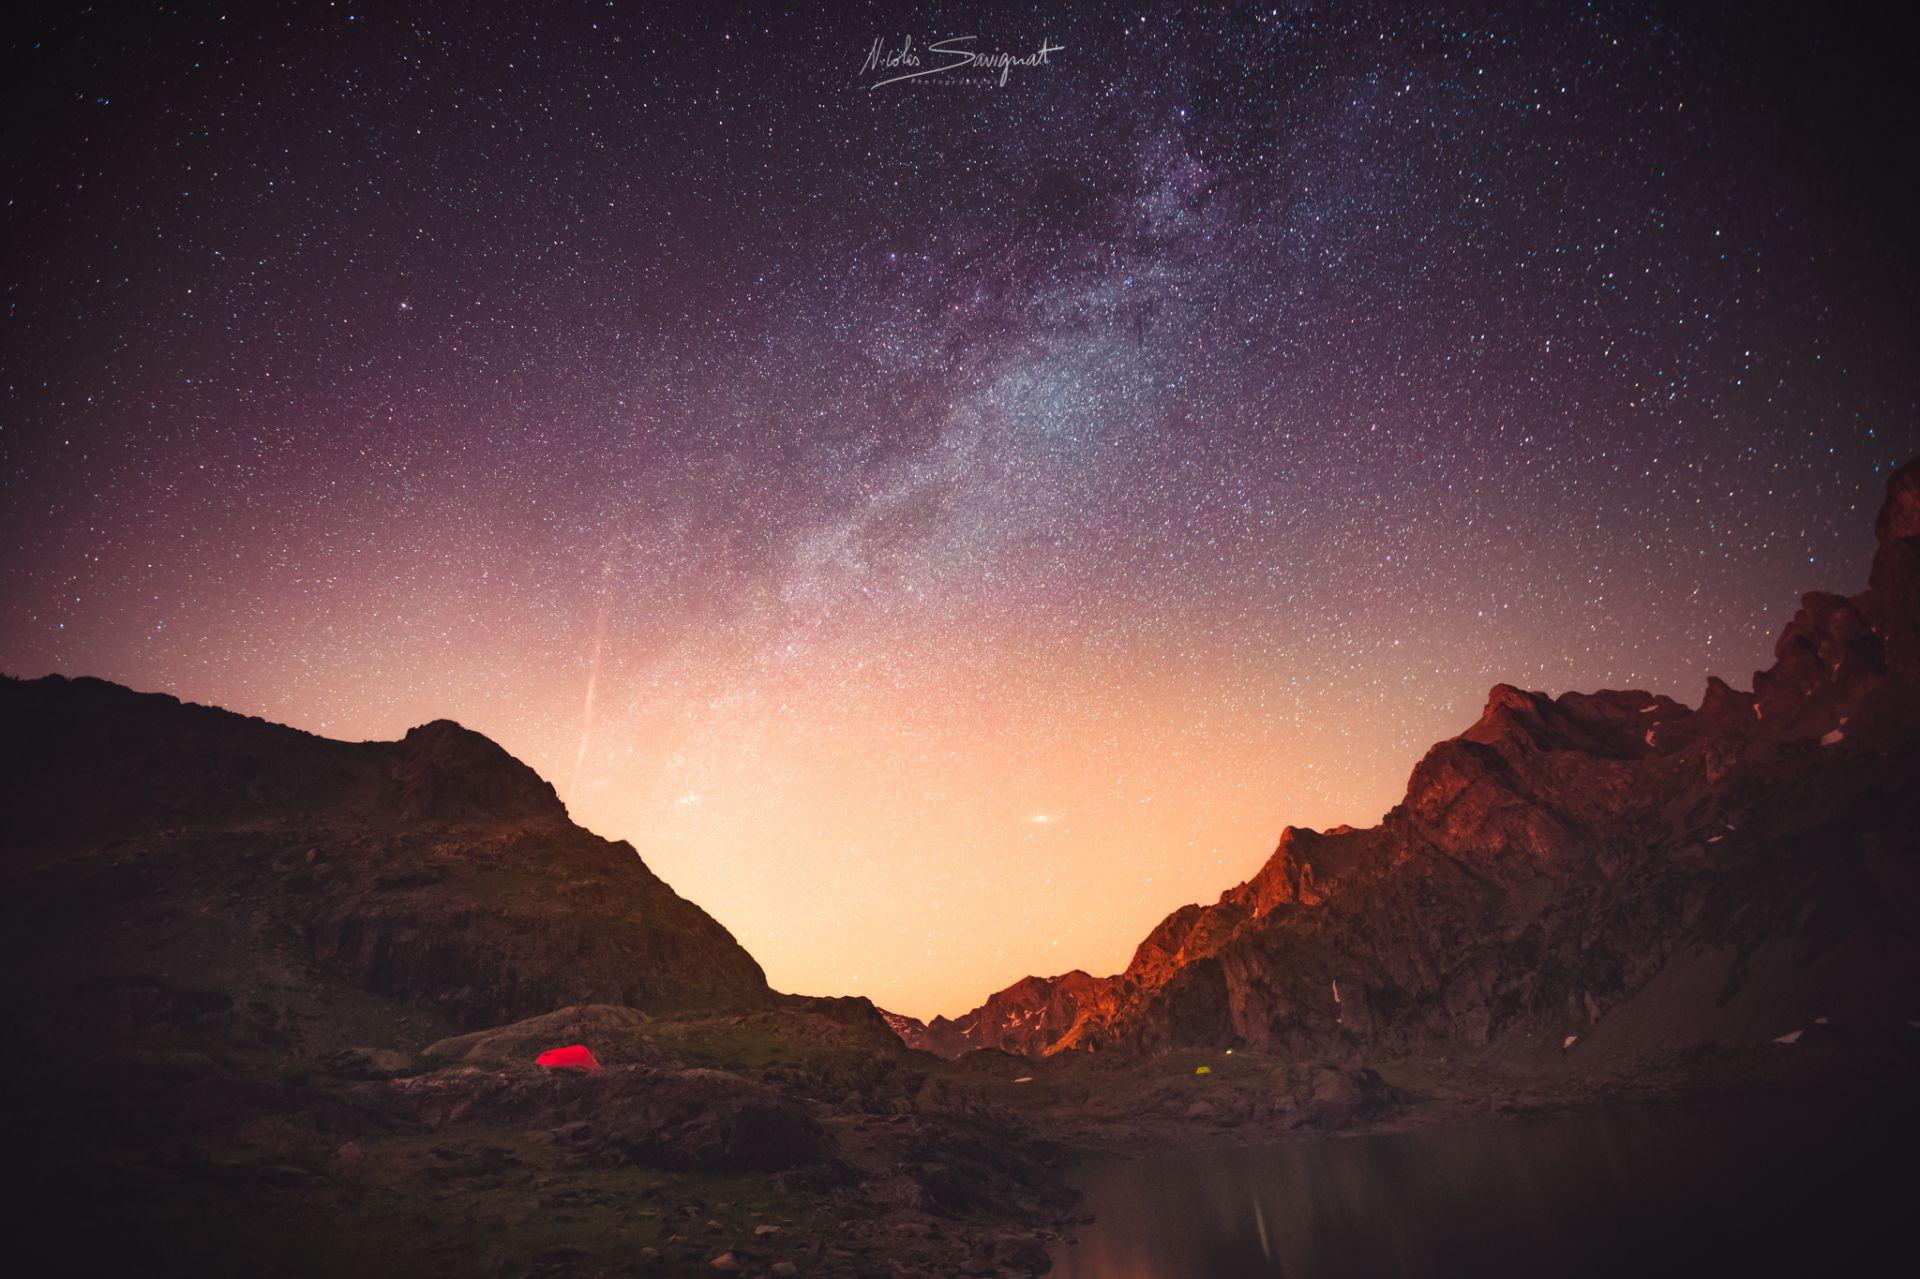 Nuit étoilée en montagne - Les photographes de Joomeo : Paysages et lumière de ©Nicolas Savignat